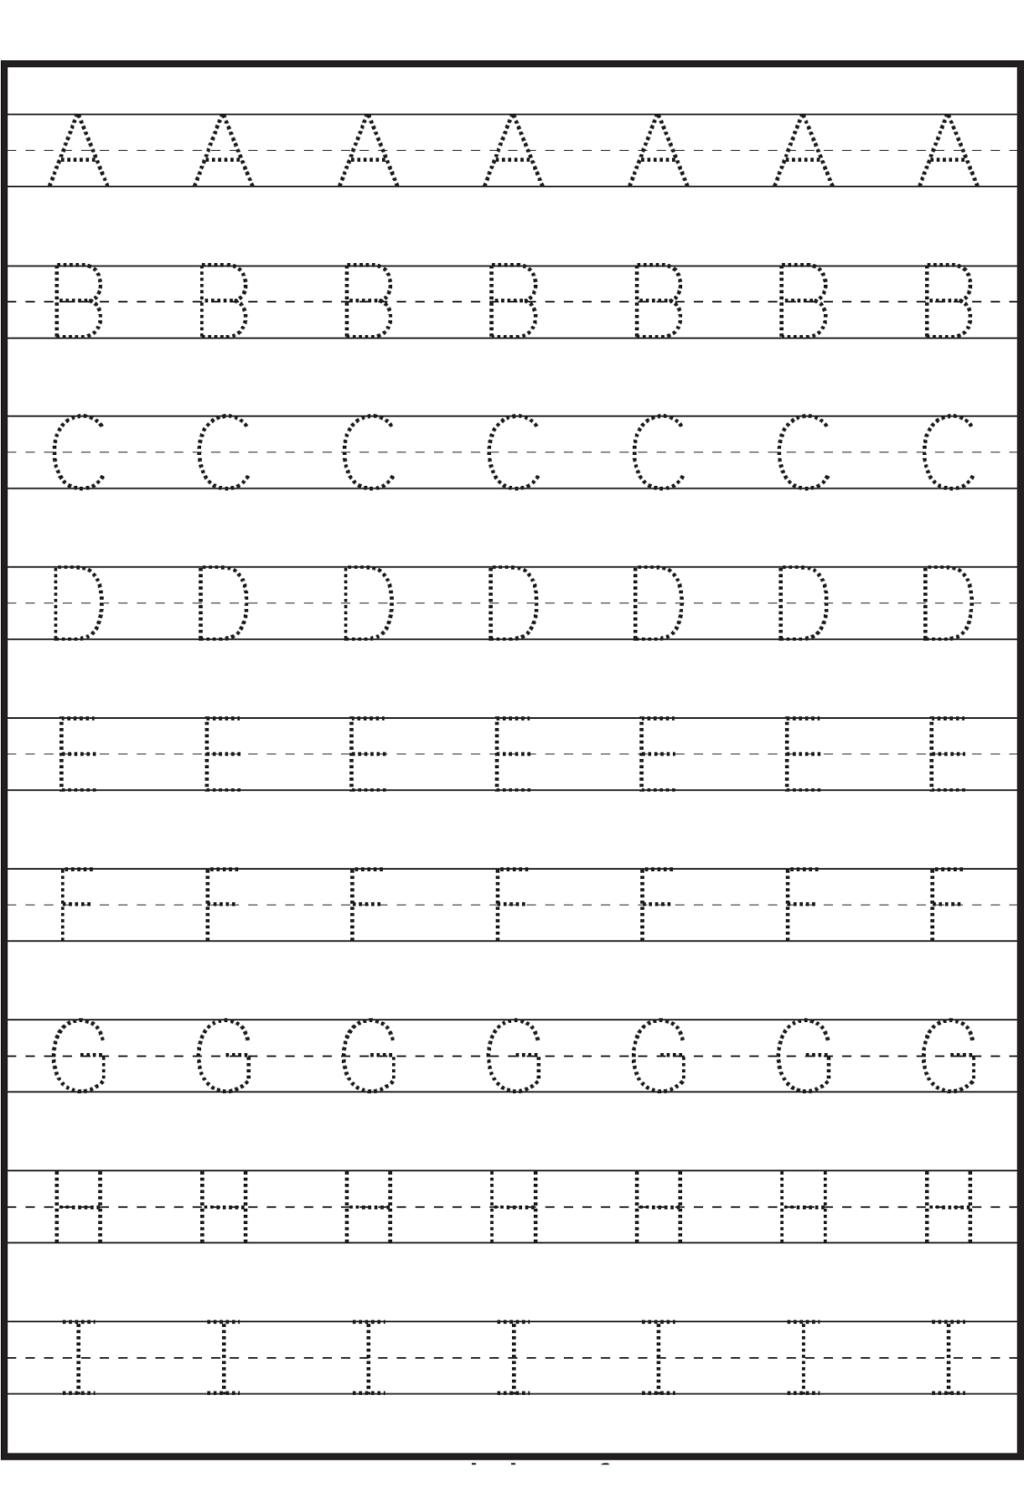 Math Worksheet ~ Alphabet Trace Sheets Printables Printable intended for Alphabet Tracing Sheets For Kindergarten